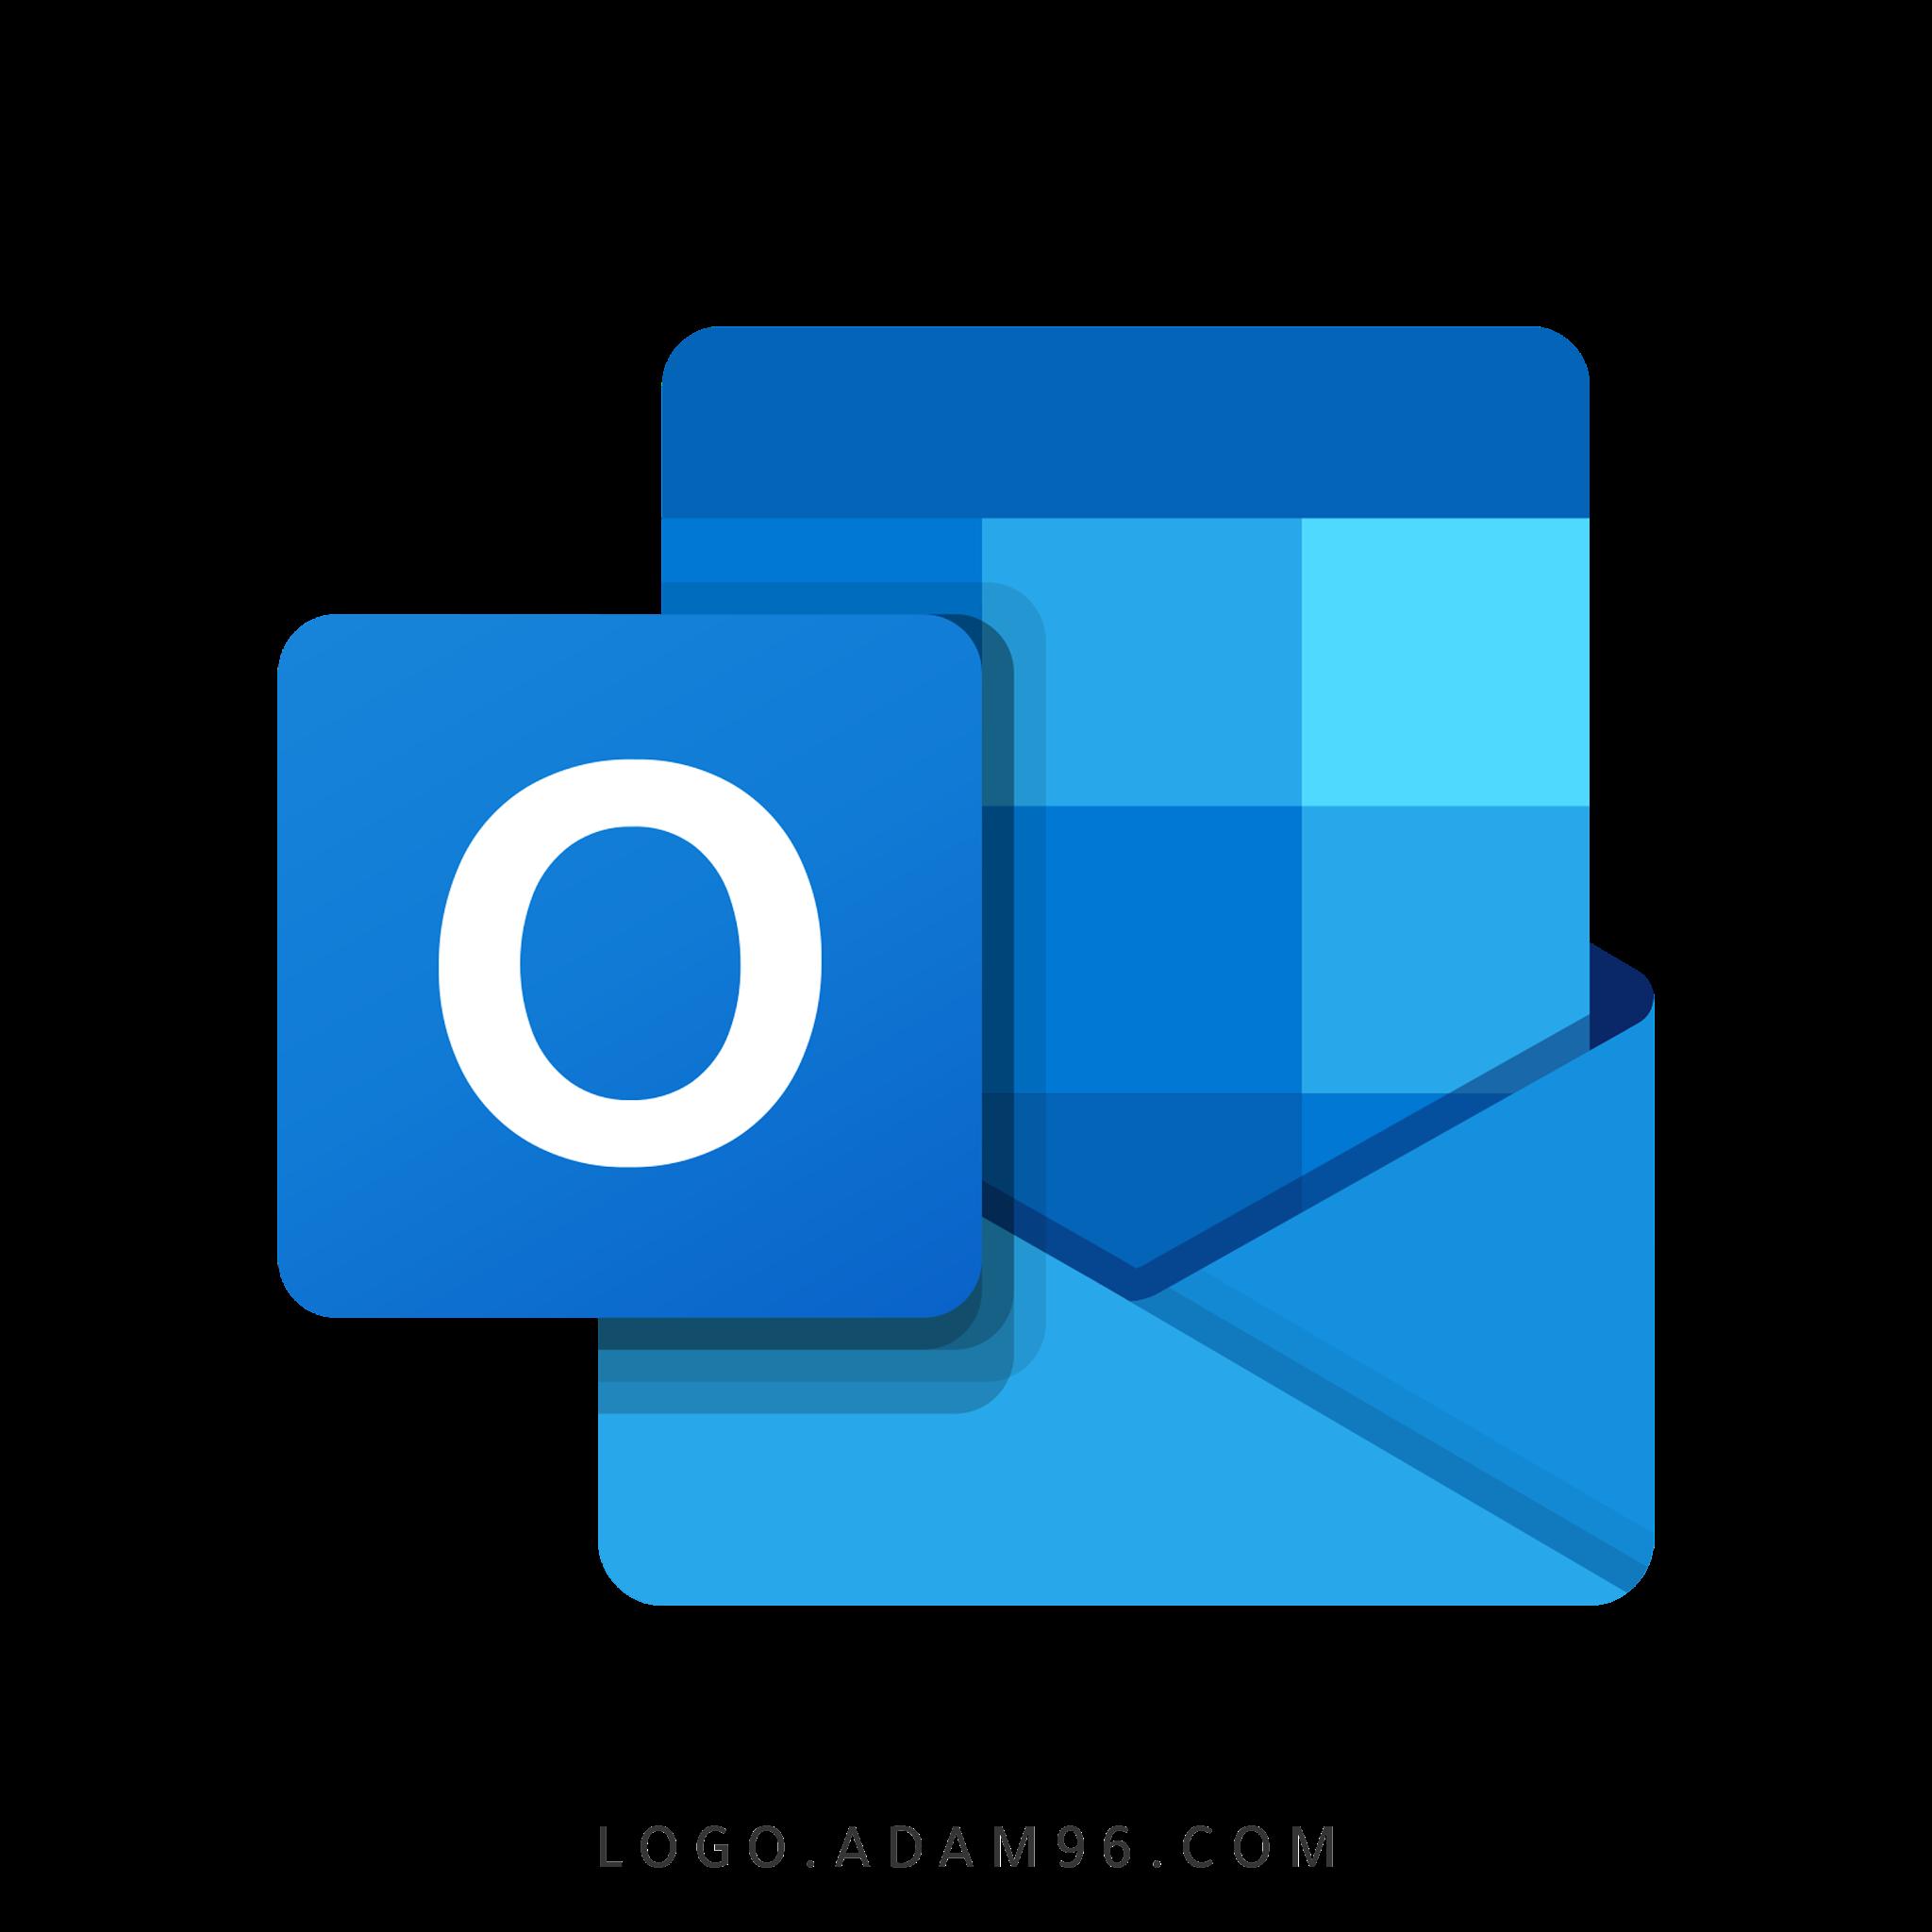 تحميل شعار مايكروسوفت آوتلوك لوجو عالي الدقة بصيغة شفافة Logo Outlook Microsoft PNG